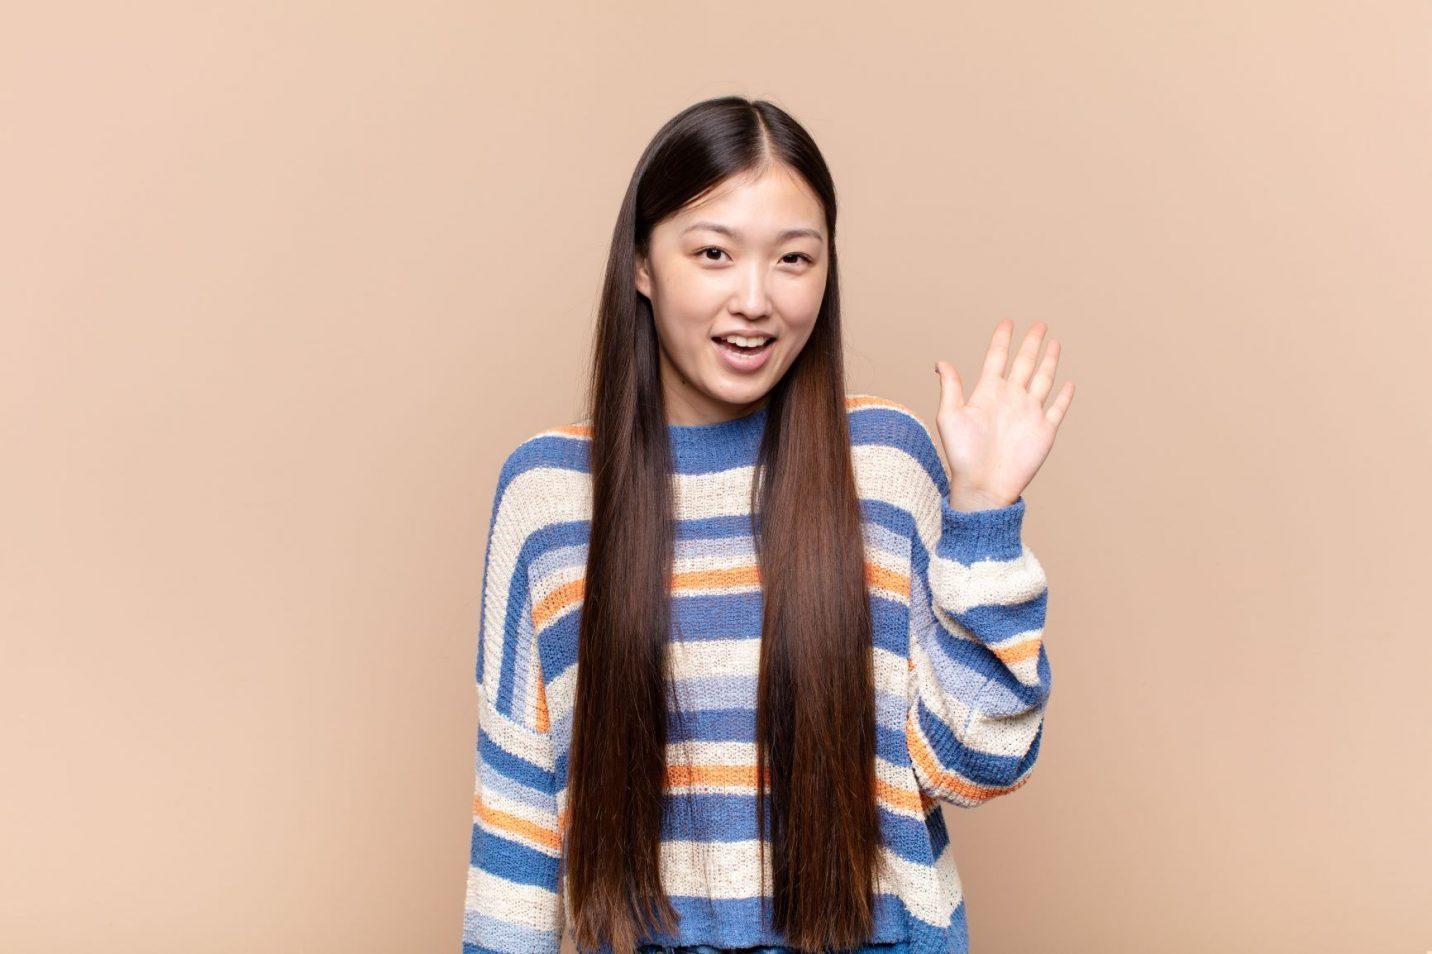 «Hola» en japonés y otras formas de saludar